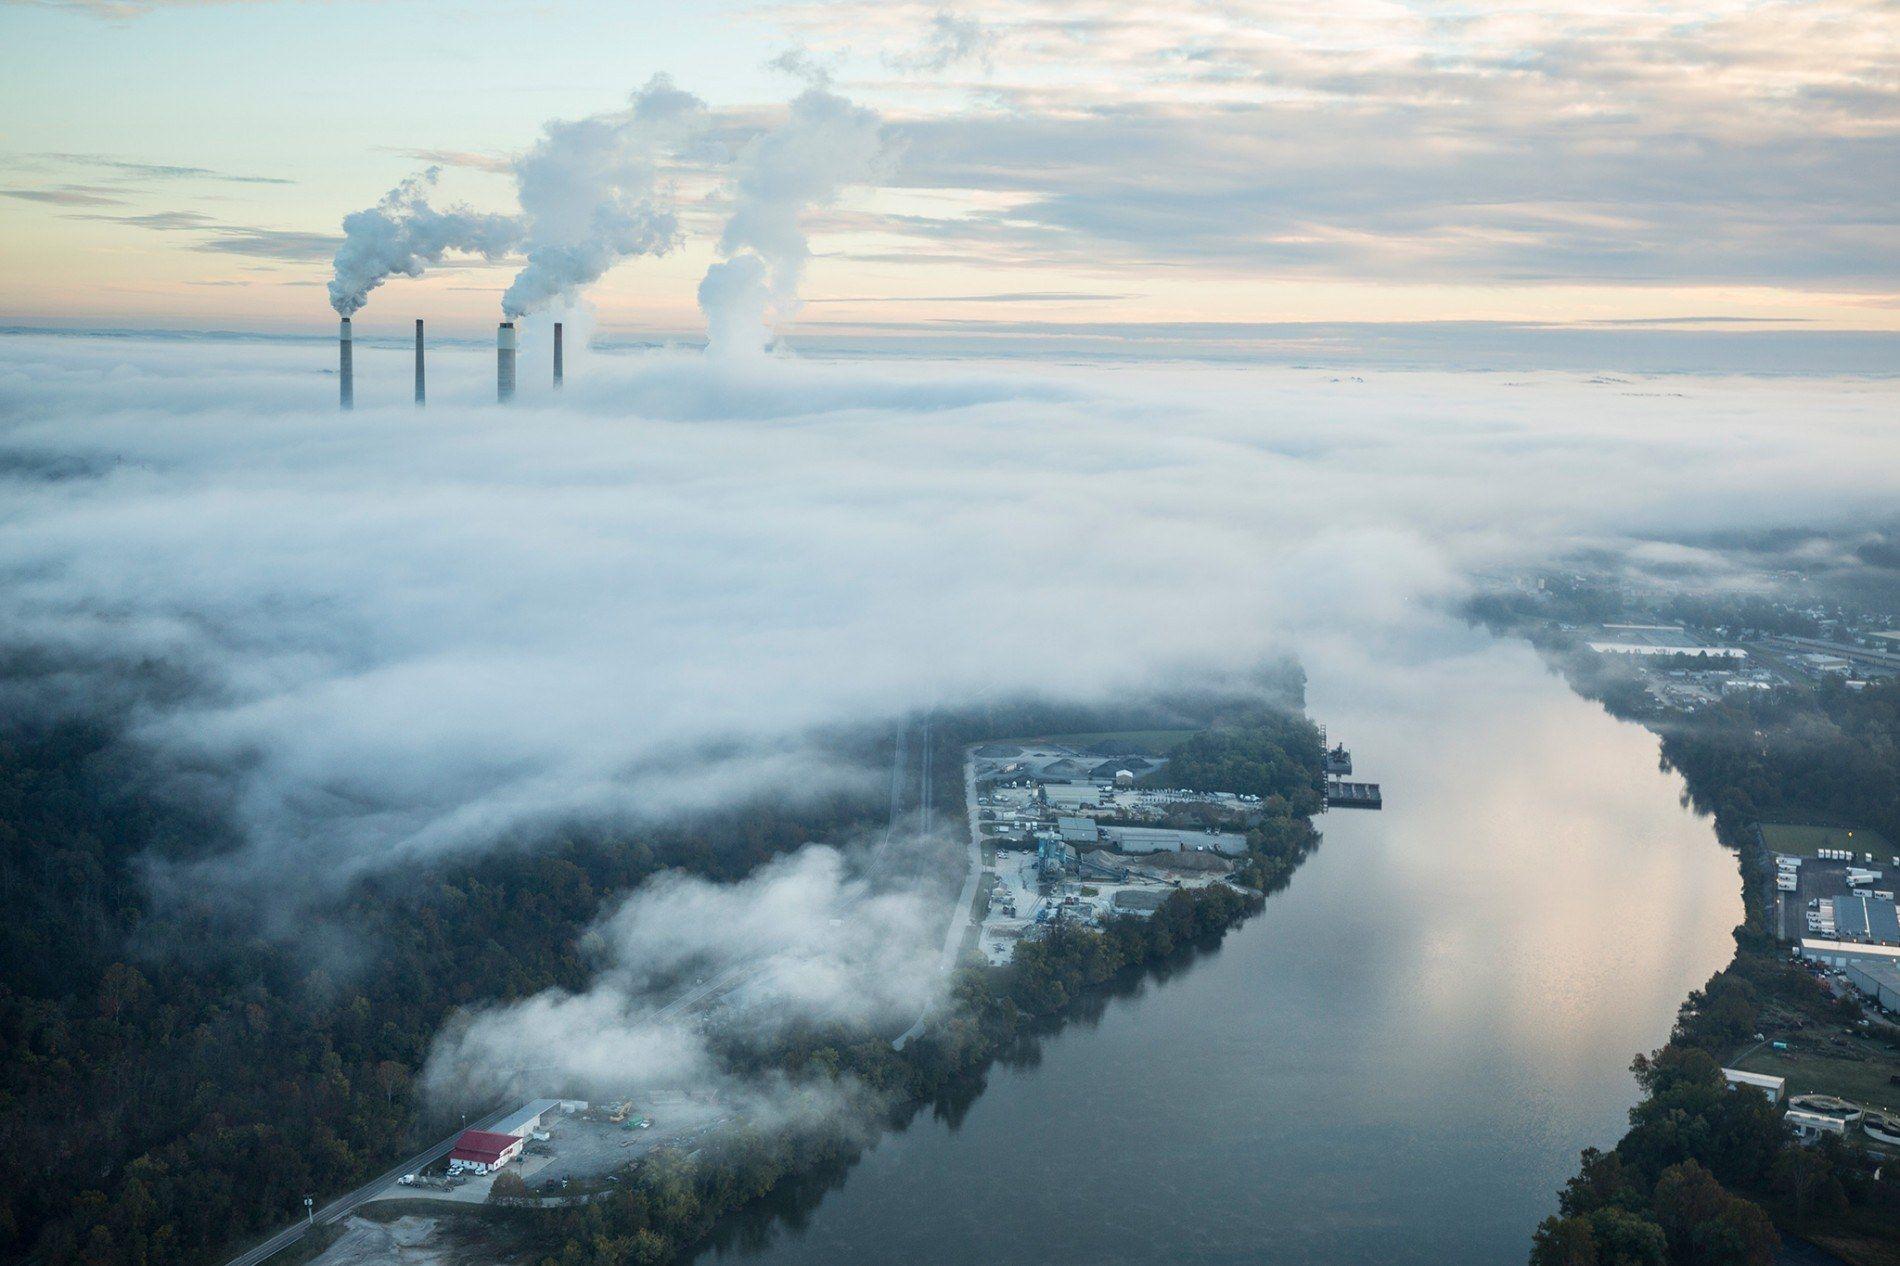 مجموعة من الحلول المقترحة من أجل الحد من التغير المناخي - تجنب الاحتباس الحراري - الحلول المتاحة من أجل حل أزمة المناخ - غازات التدفئة العالمية